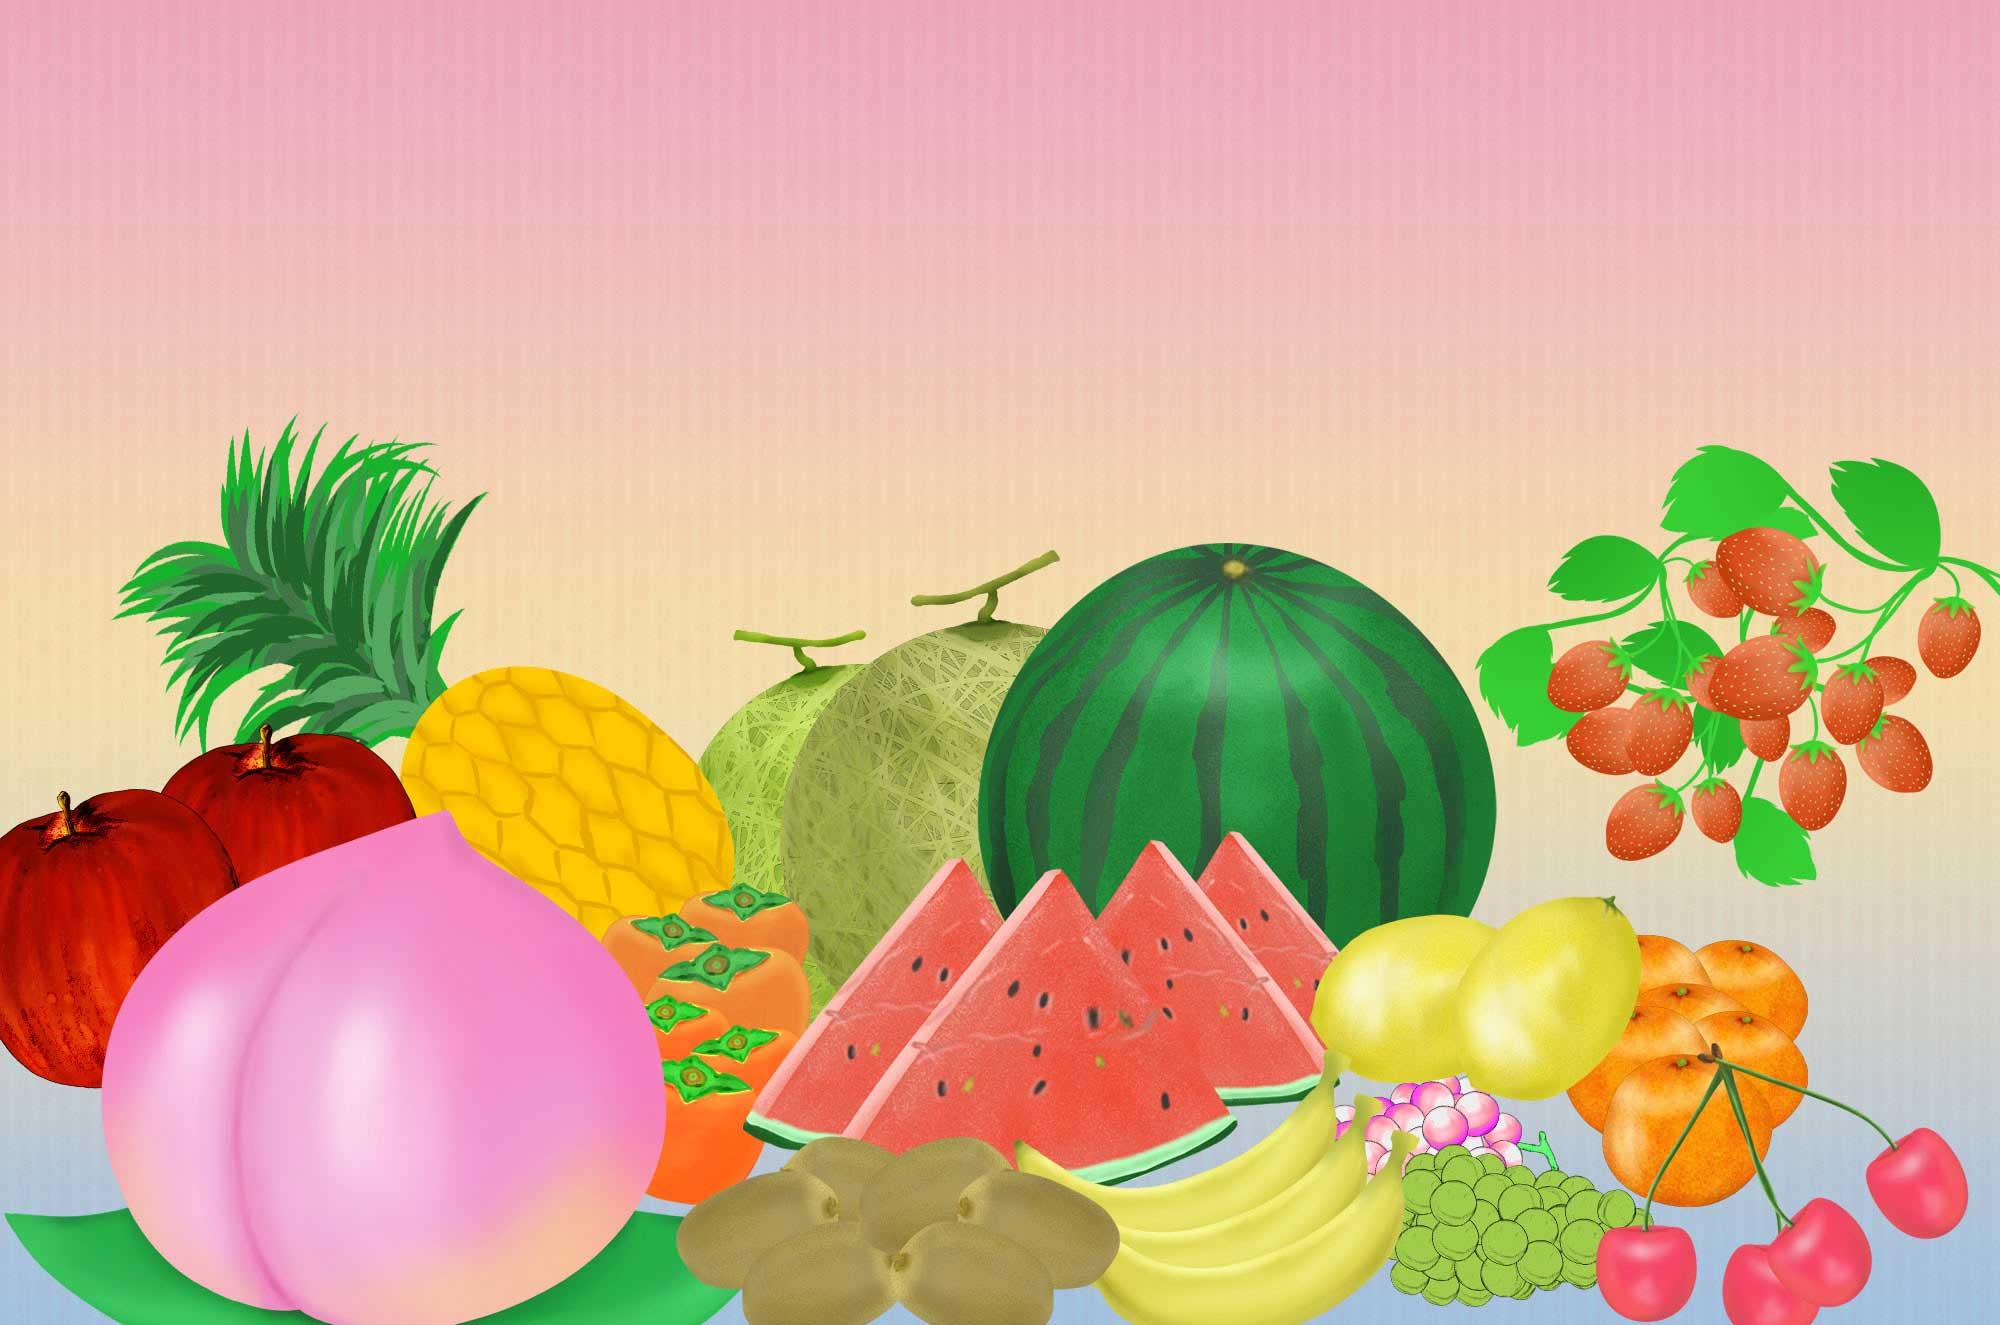 果物イラスト - かわいいフルーツの無料素材まとめ - チコデザ